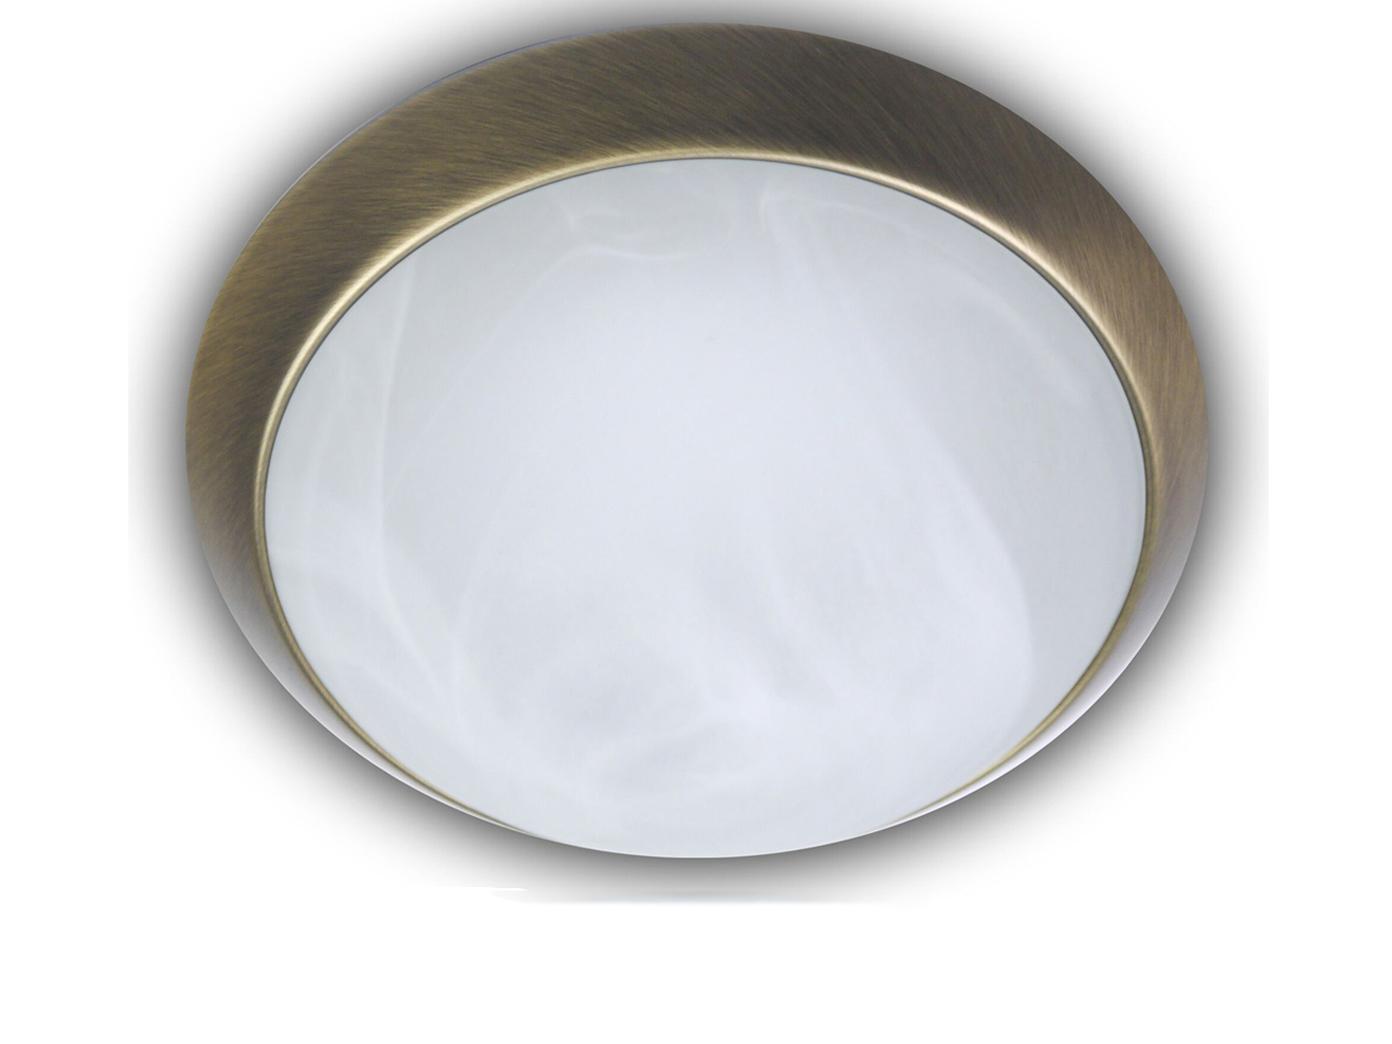 LED-Wohnraumleuchte-rund-40cm-Esszimmerlampe-LED-Flur-Beleuchtung-Kuechenleuchte